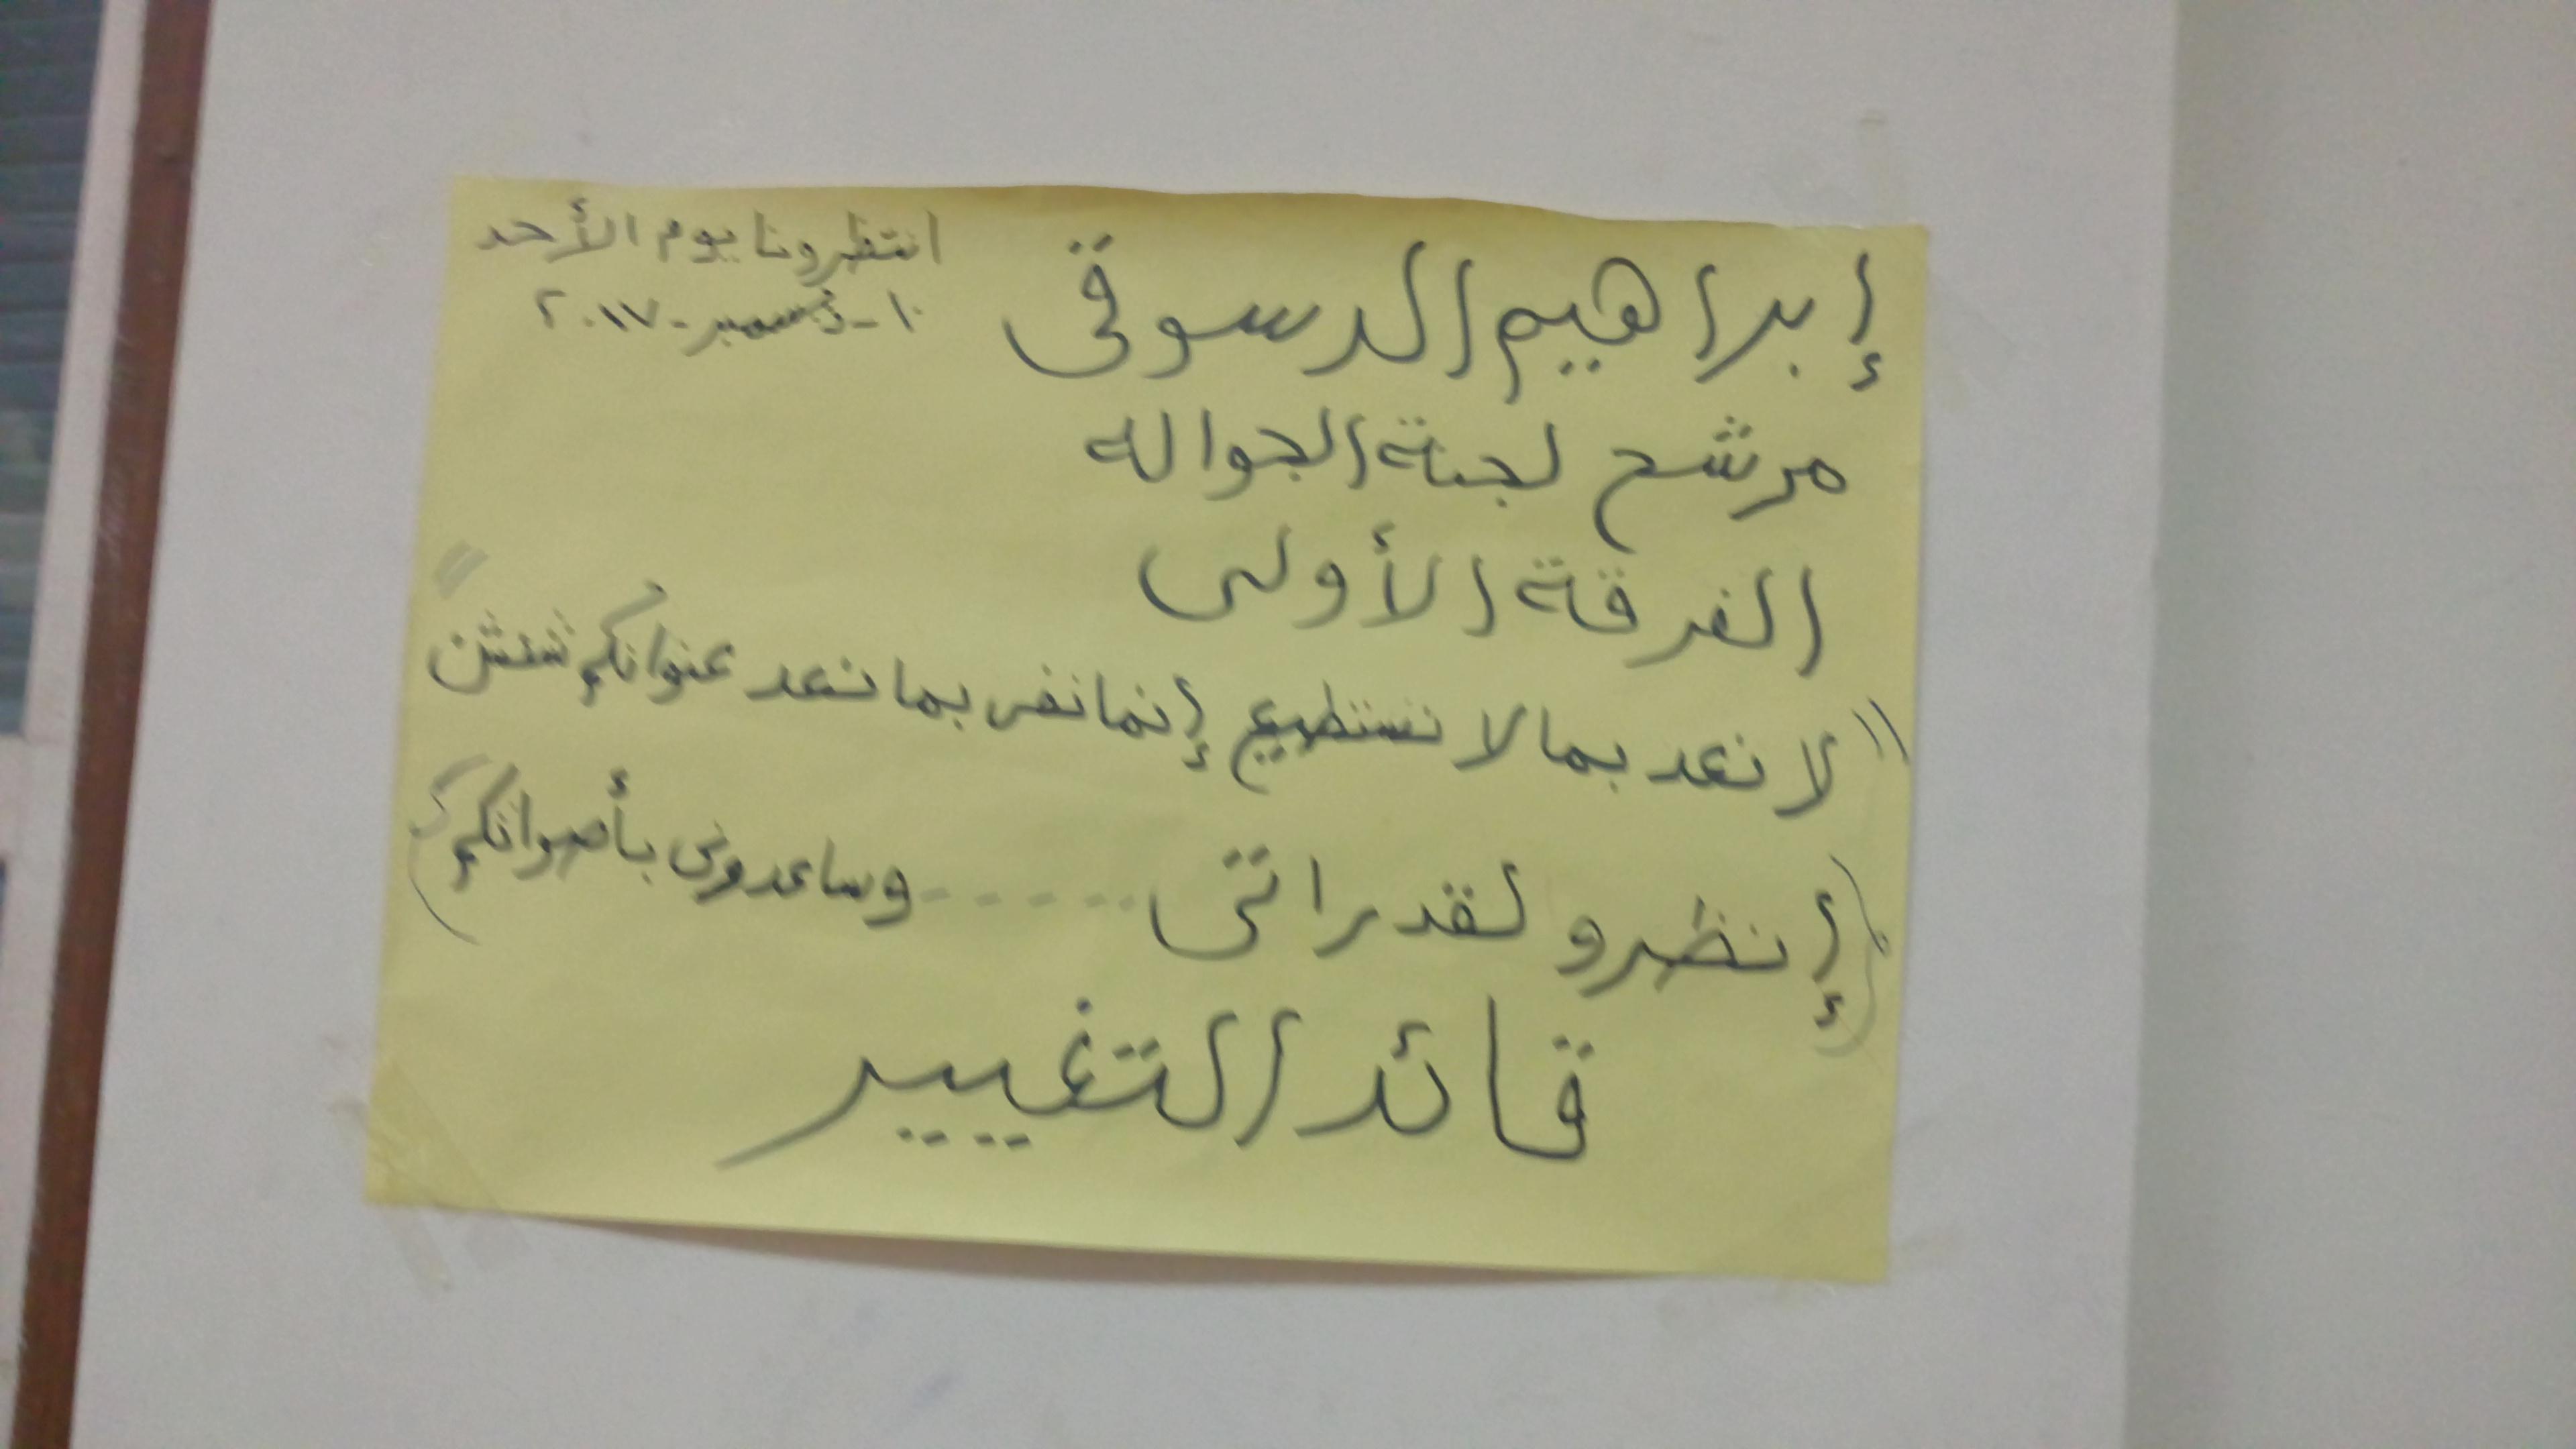 دعاية طلابية بالقاهرة